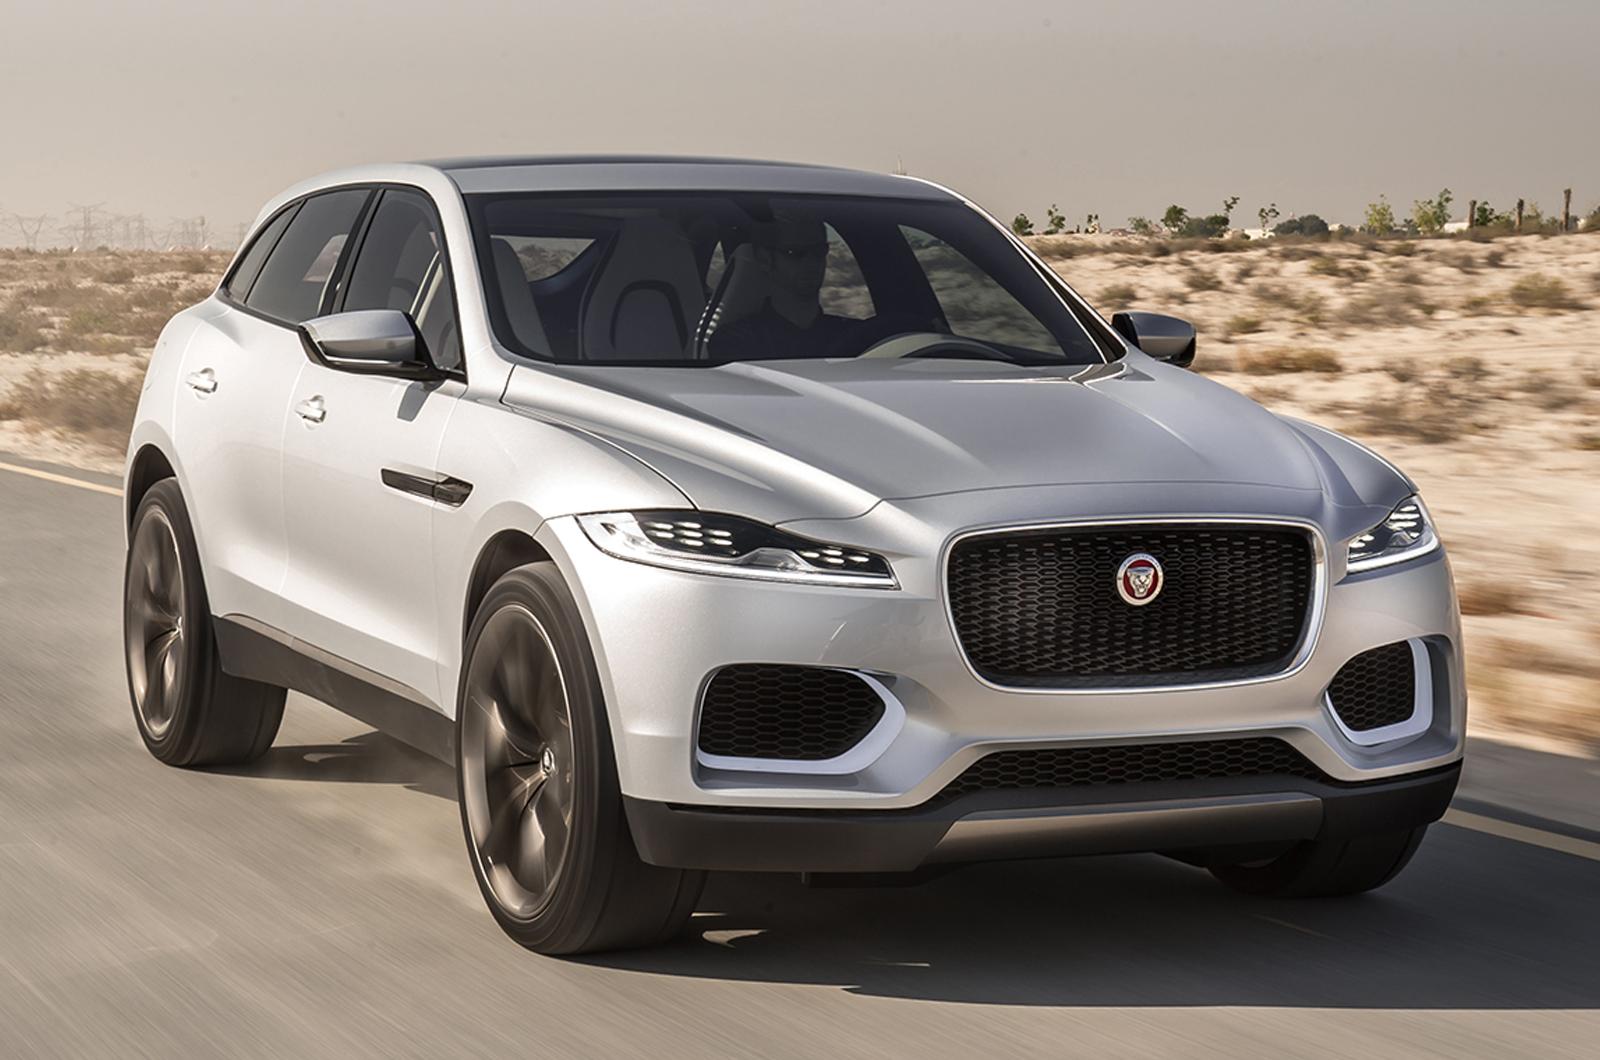 2015 jaguar jeep 2017 2018 best cars reviews. Black Bedroom Furniture Sets. Home Design Ideas